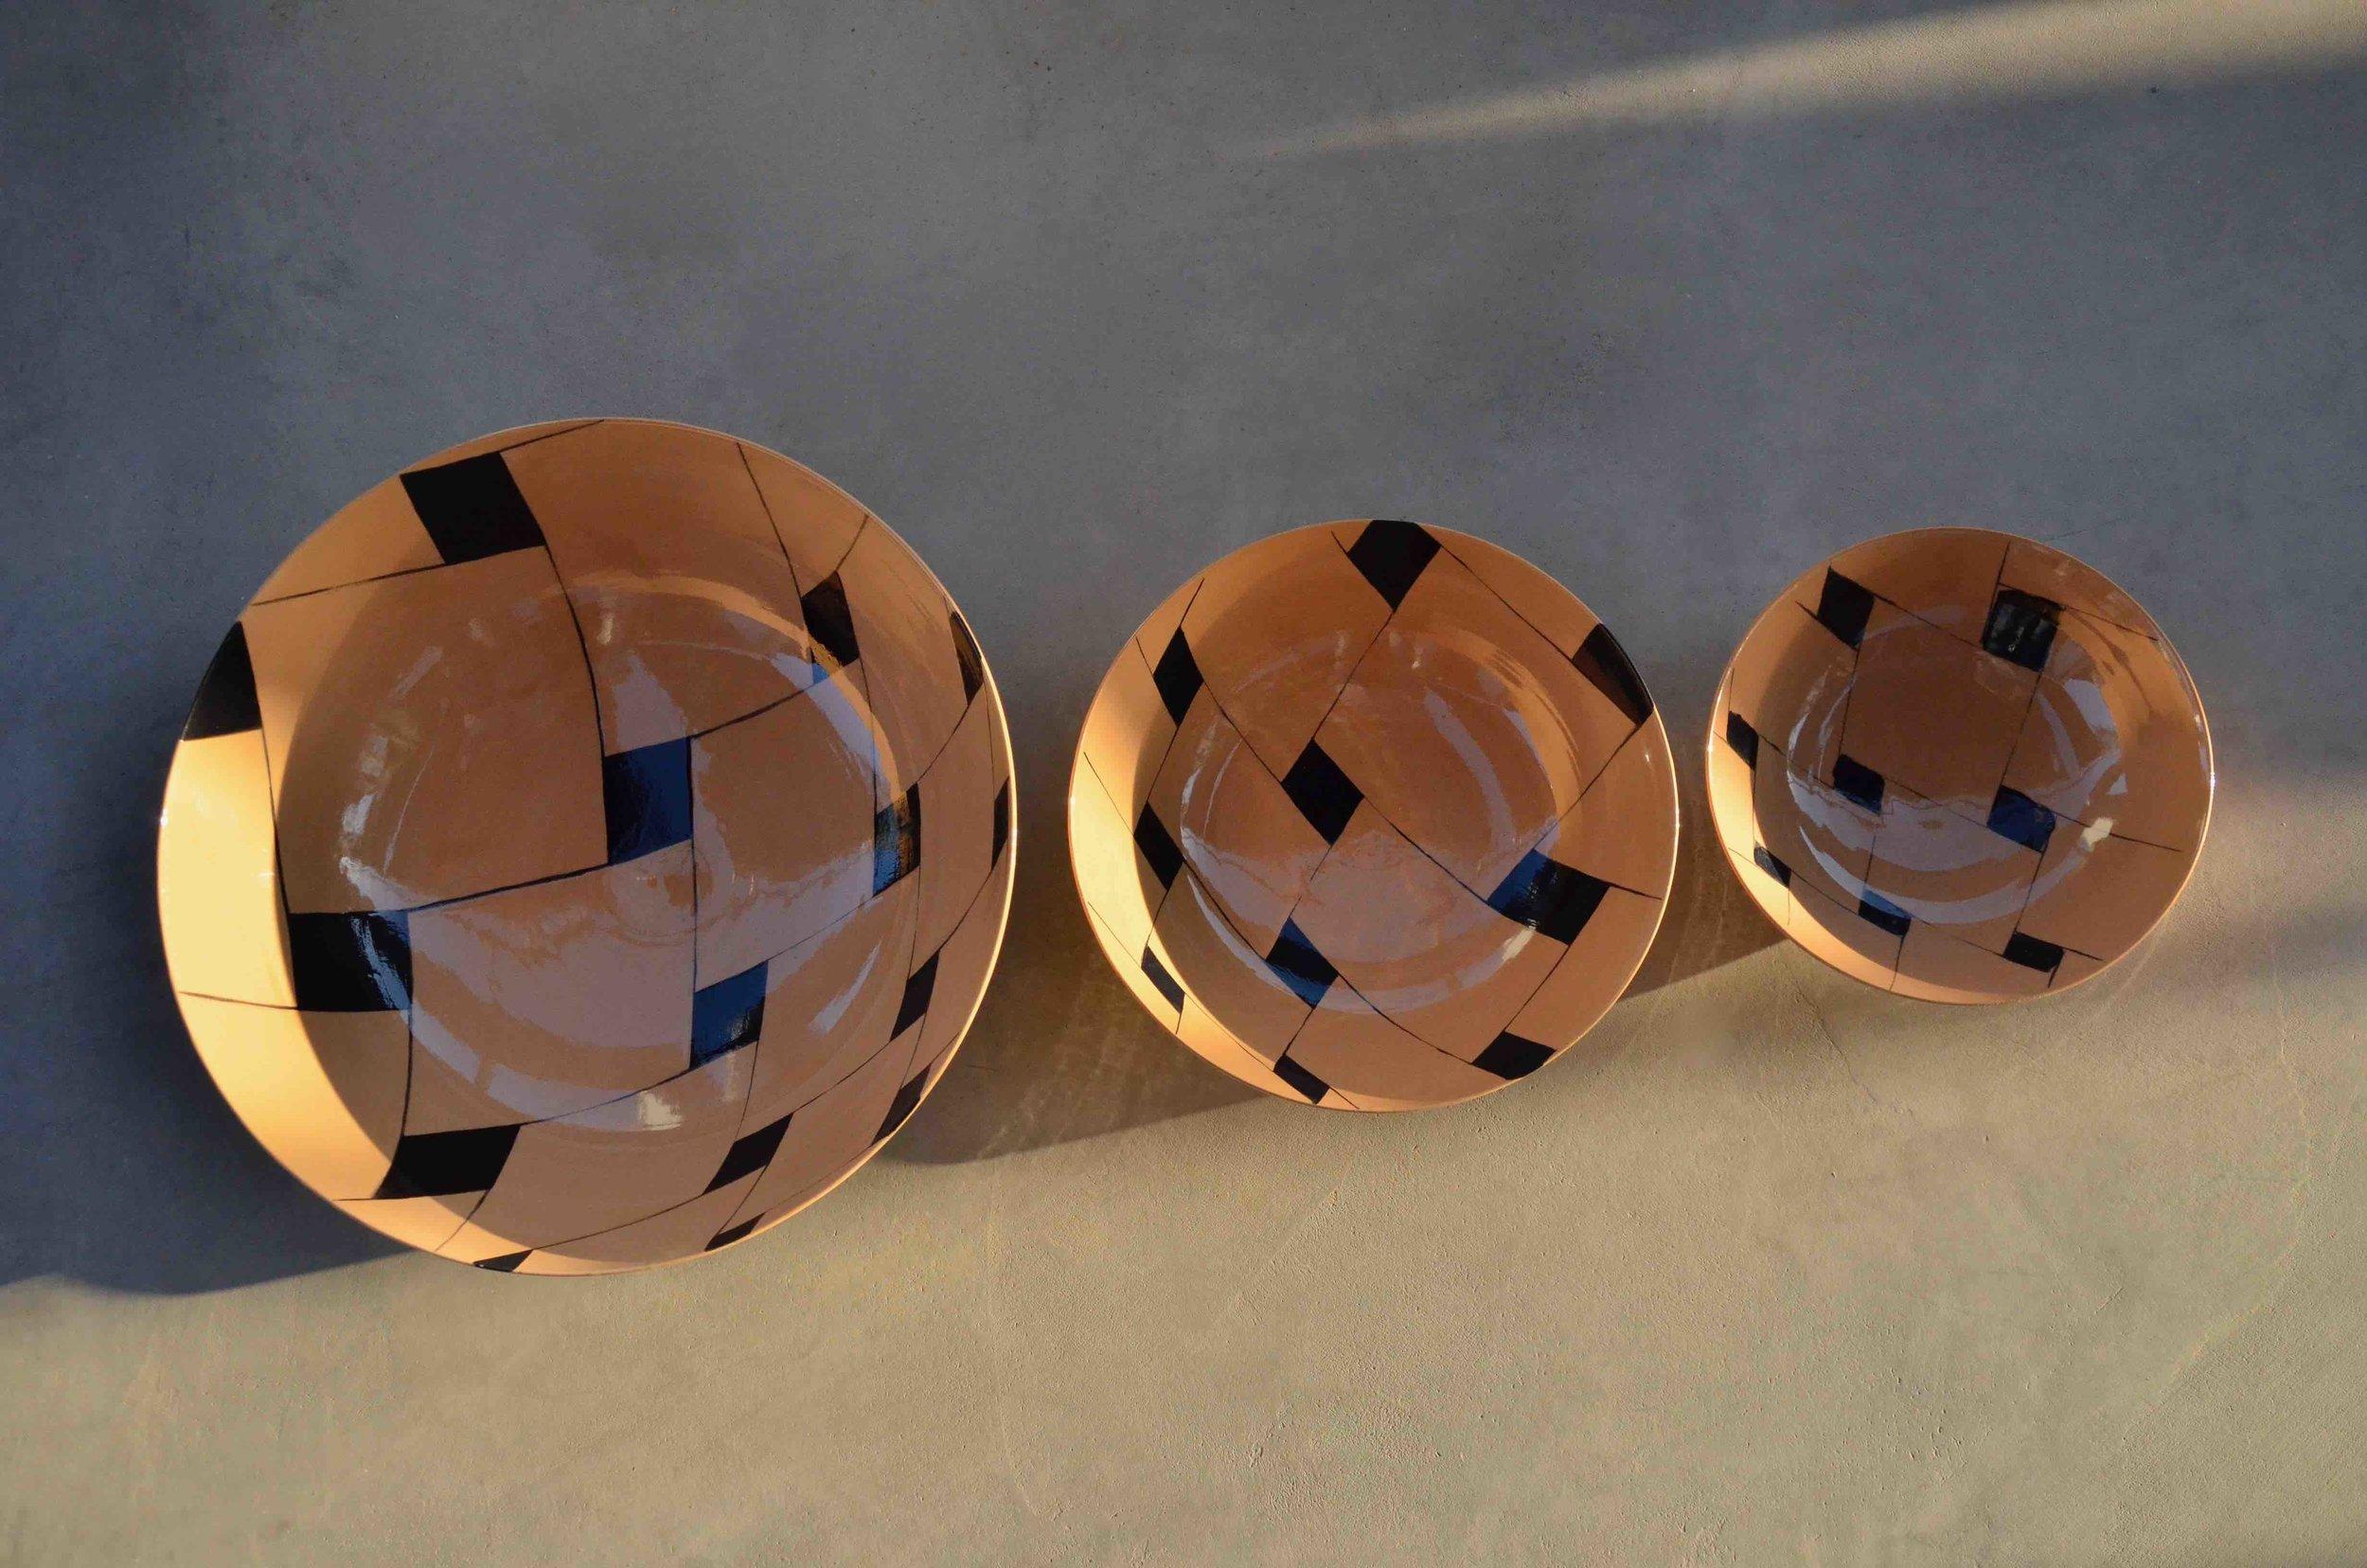 terra cotta ceramic body light black line tile perspective:  bowl 13x36cm(350E) bowl 9x26cm (150E) bowl 7x21cm (60E)